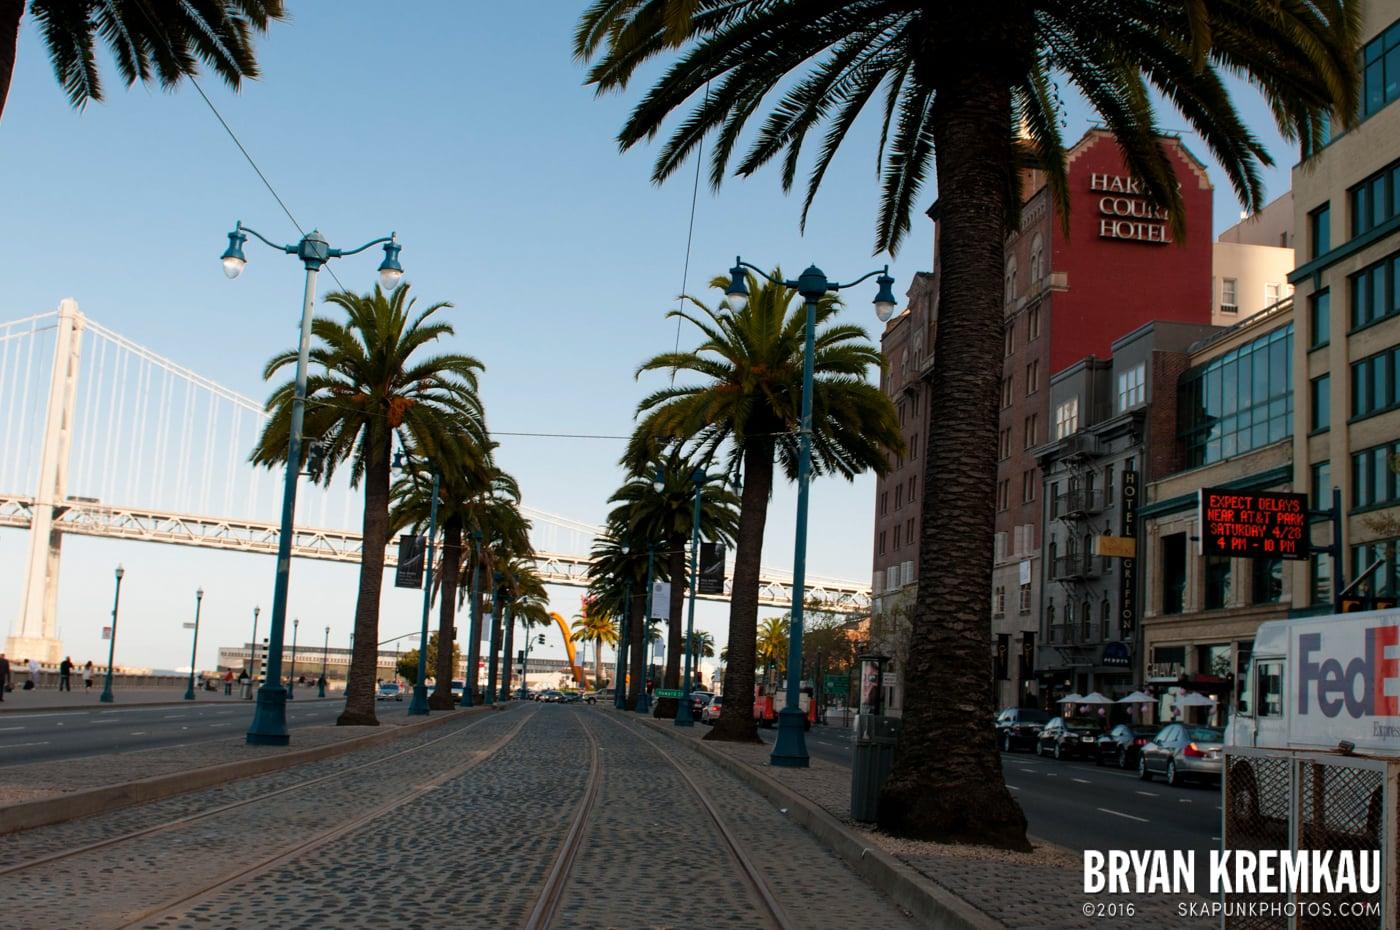 San Francisco Vacation - Day 1 - 4.28.12 (17)